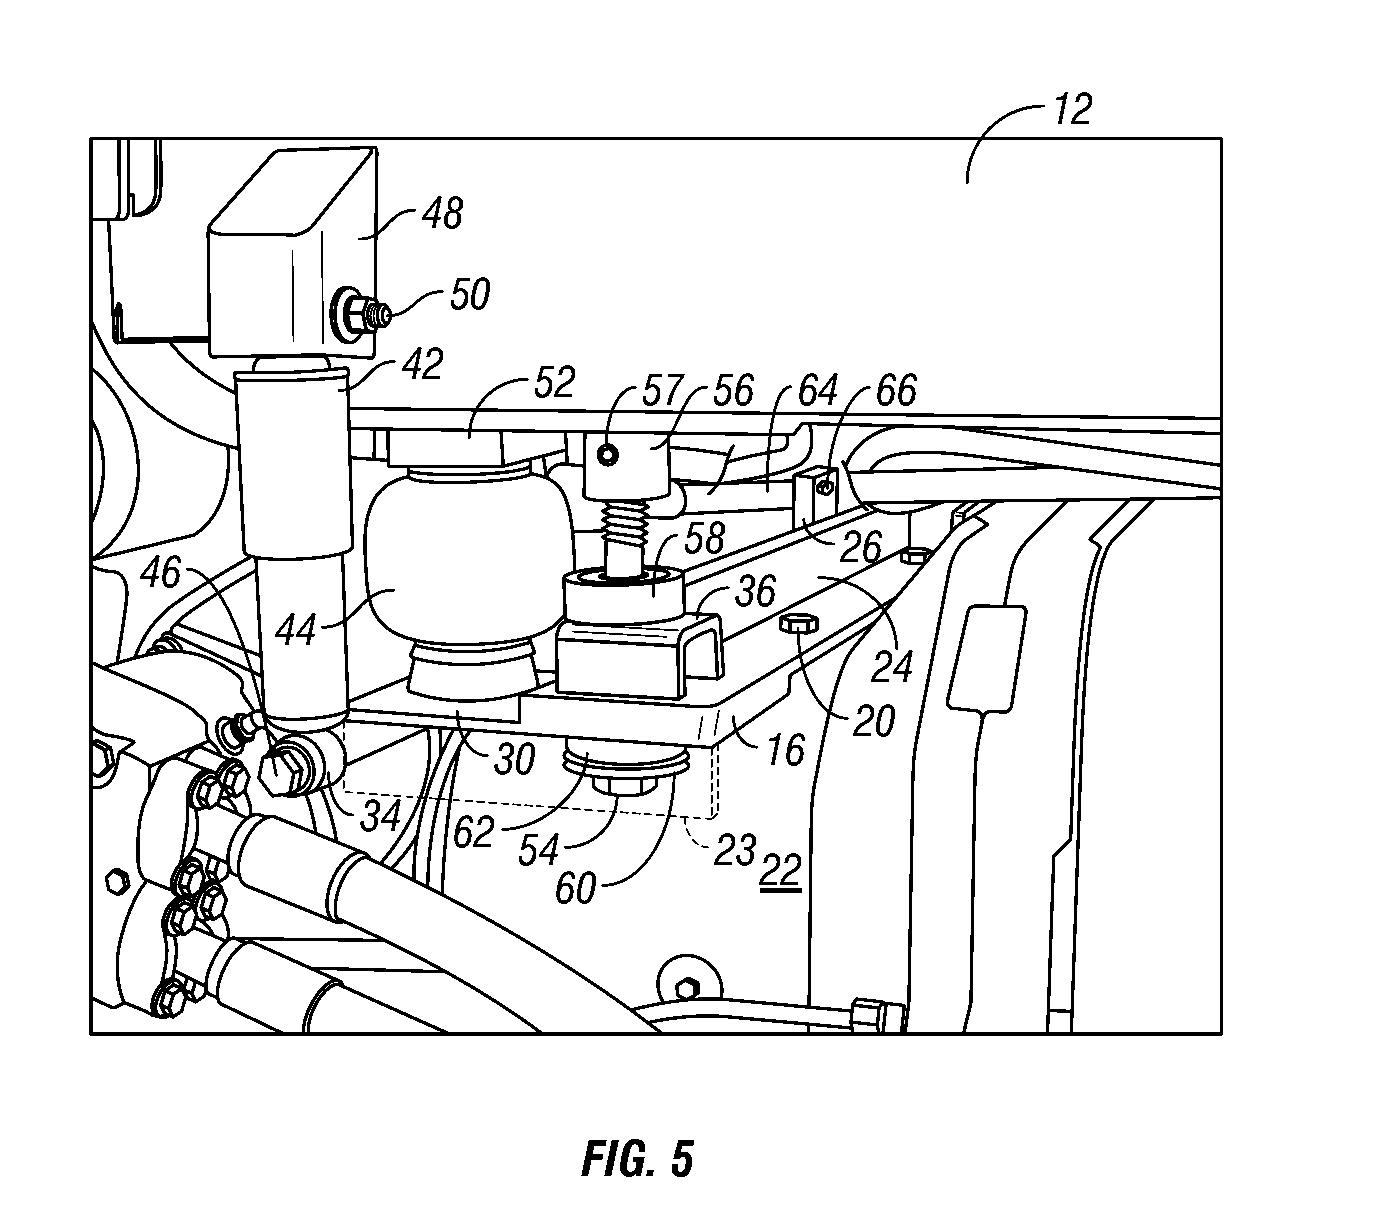 Grammer Seat Wiring Diagram : 27 Wiring Diagram Images